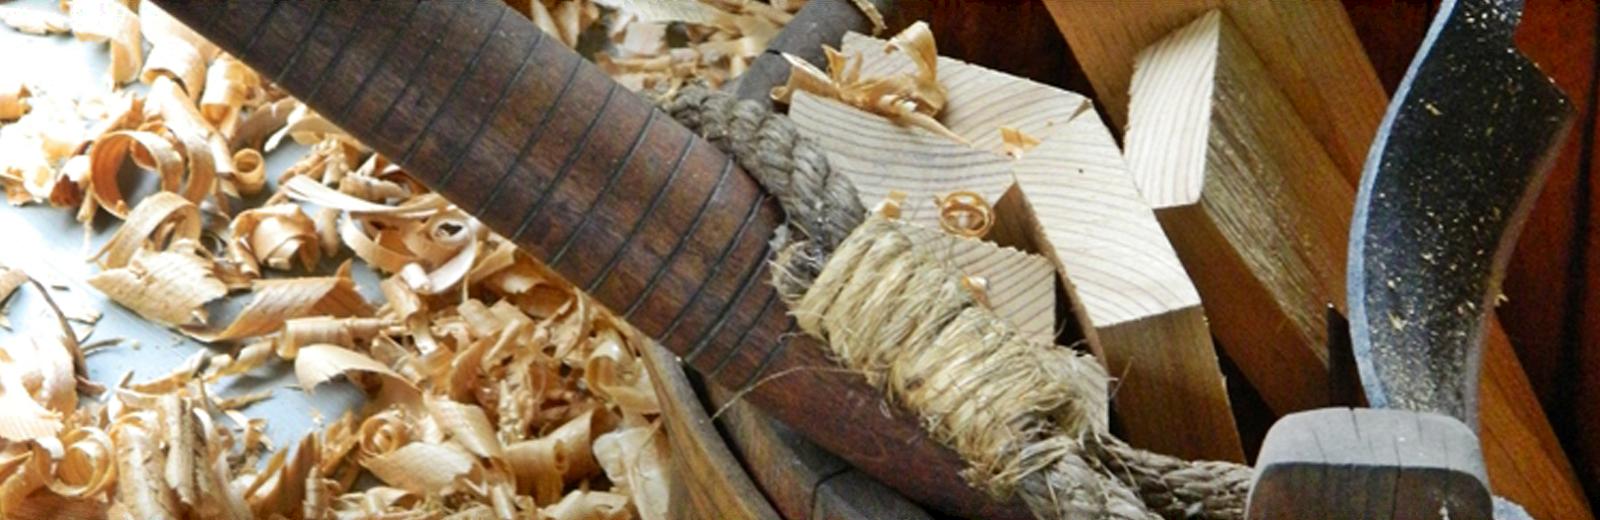 slider-woodwork-1600×520